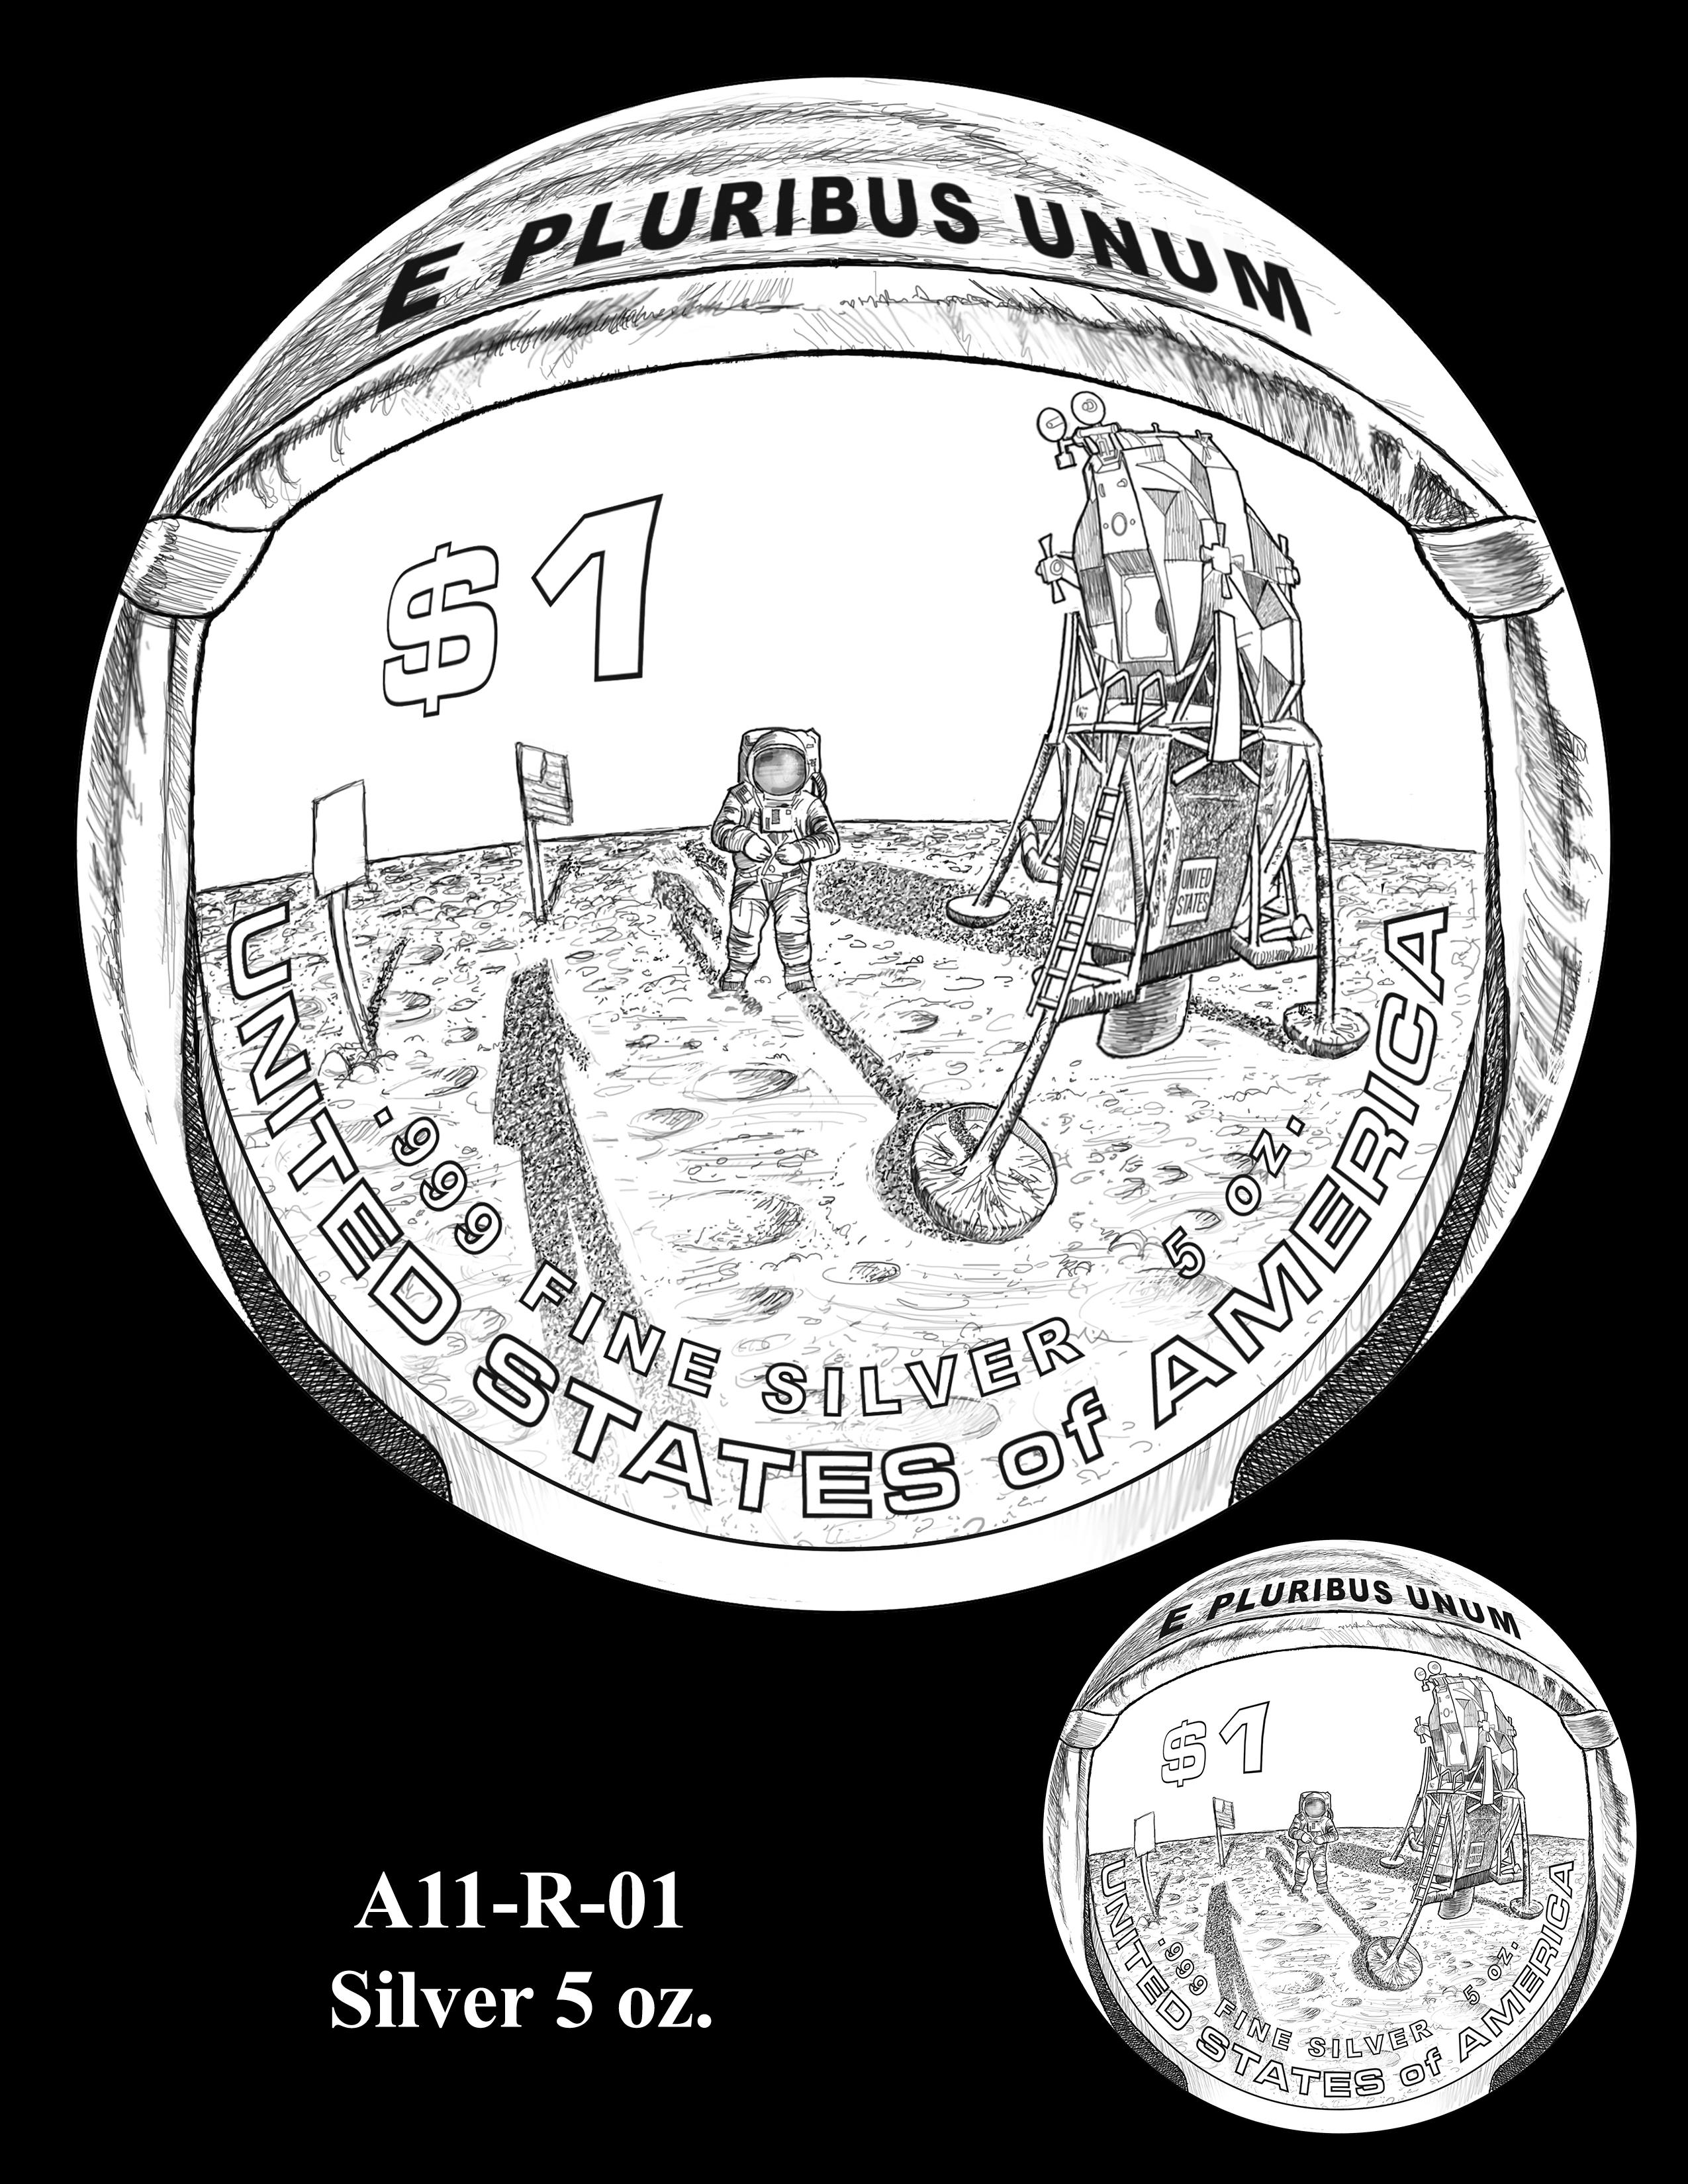 A11-R-01-SILVER-5oz. -- 2019-Apollo 11 50th Anniversary Commemorative Coin